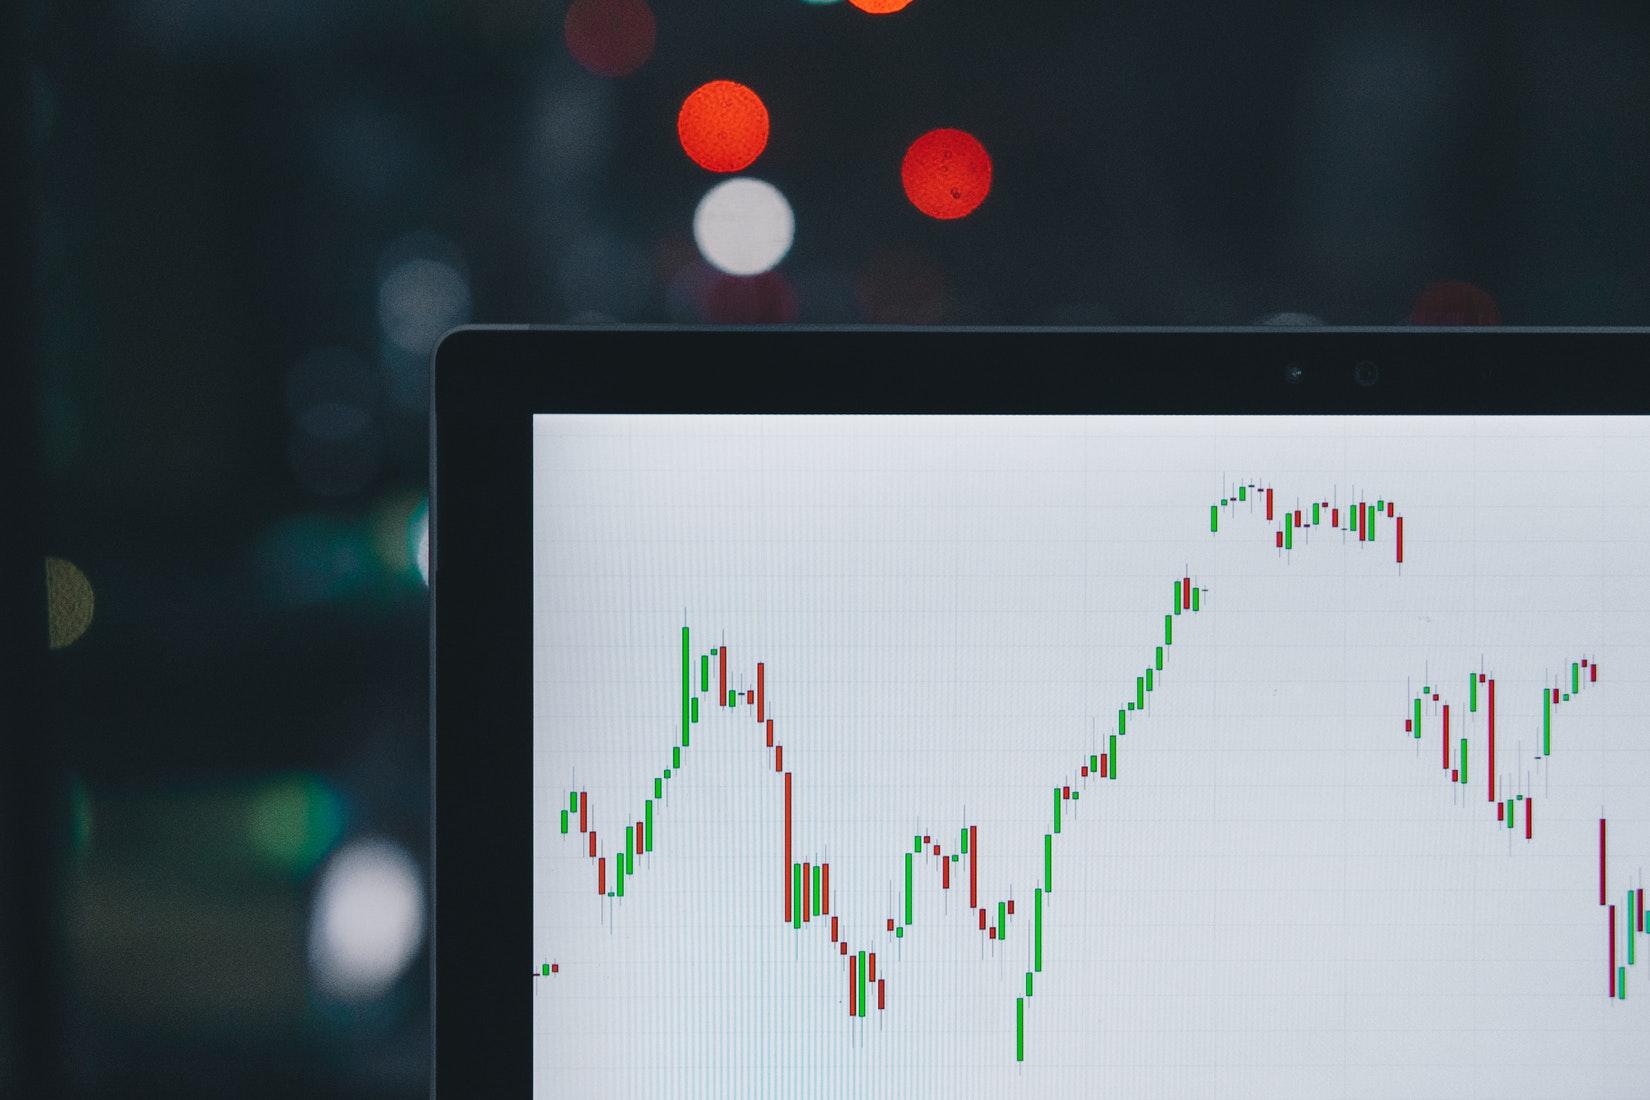 Sprzedaż tokenów zatwierdzana przez amerykańską Komisję Papierów Wartościowych to przyszłość?